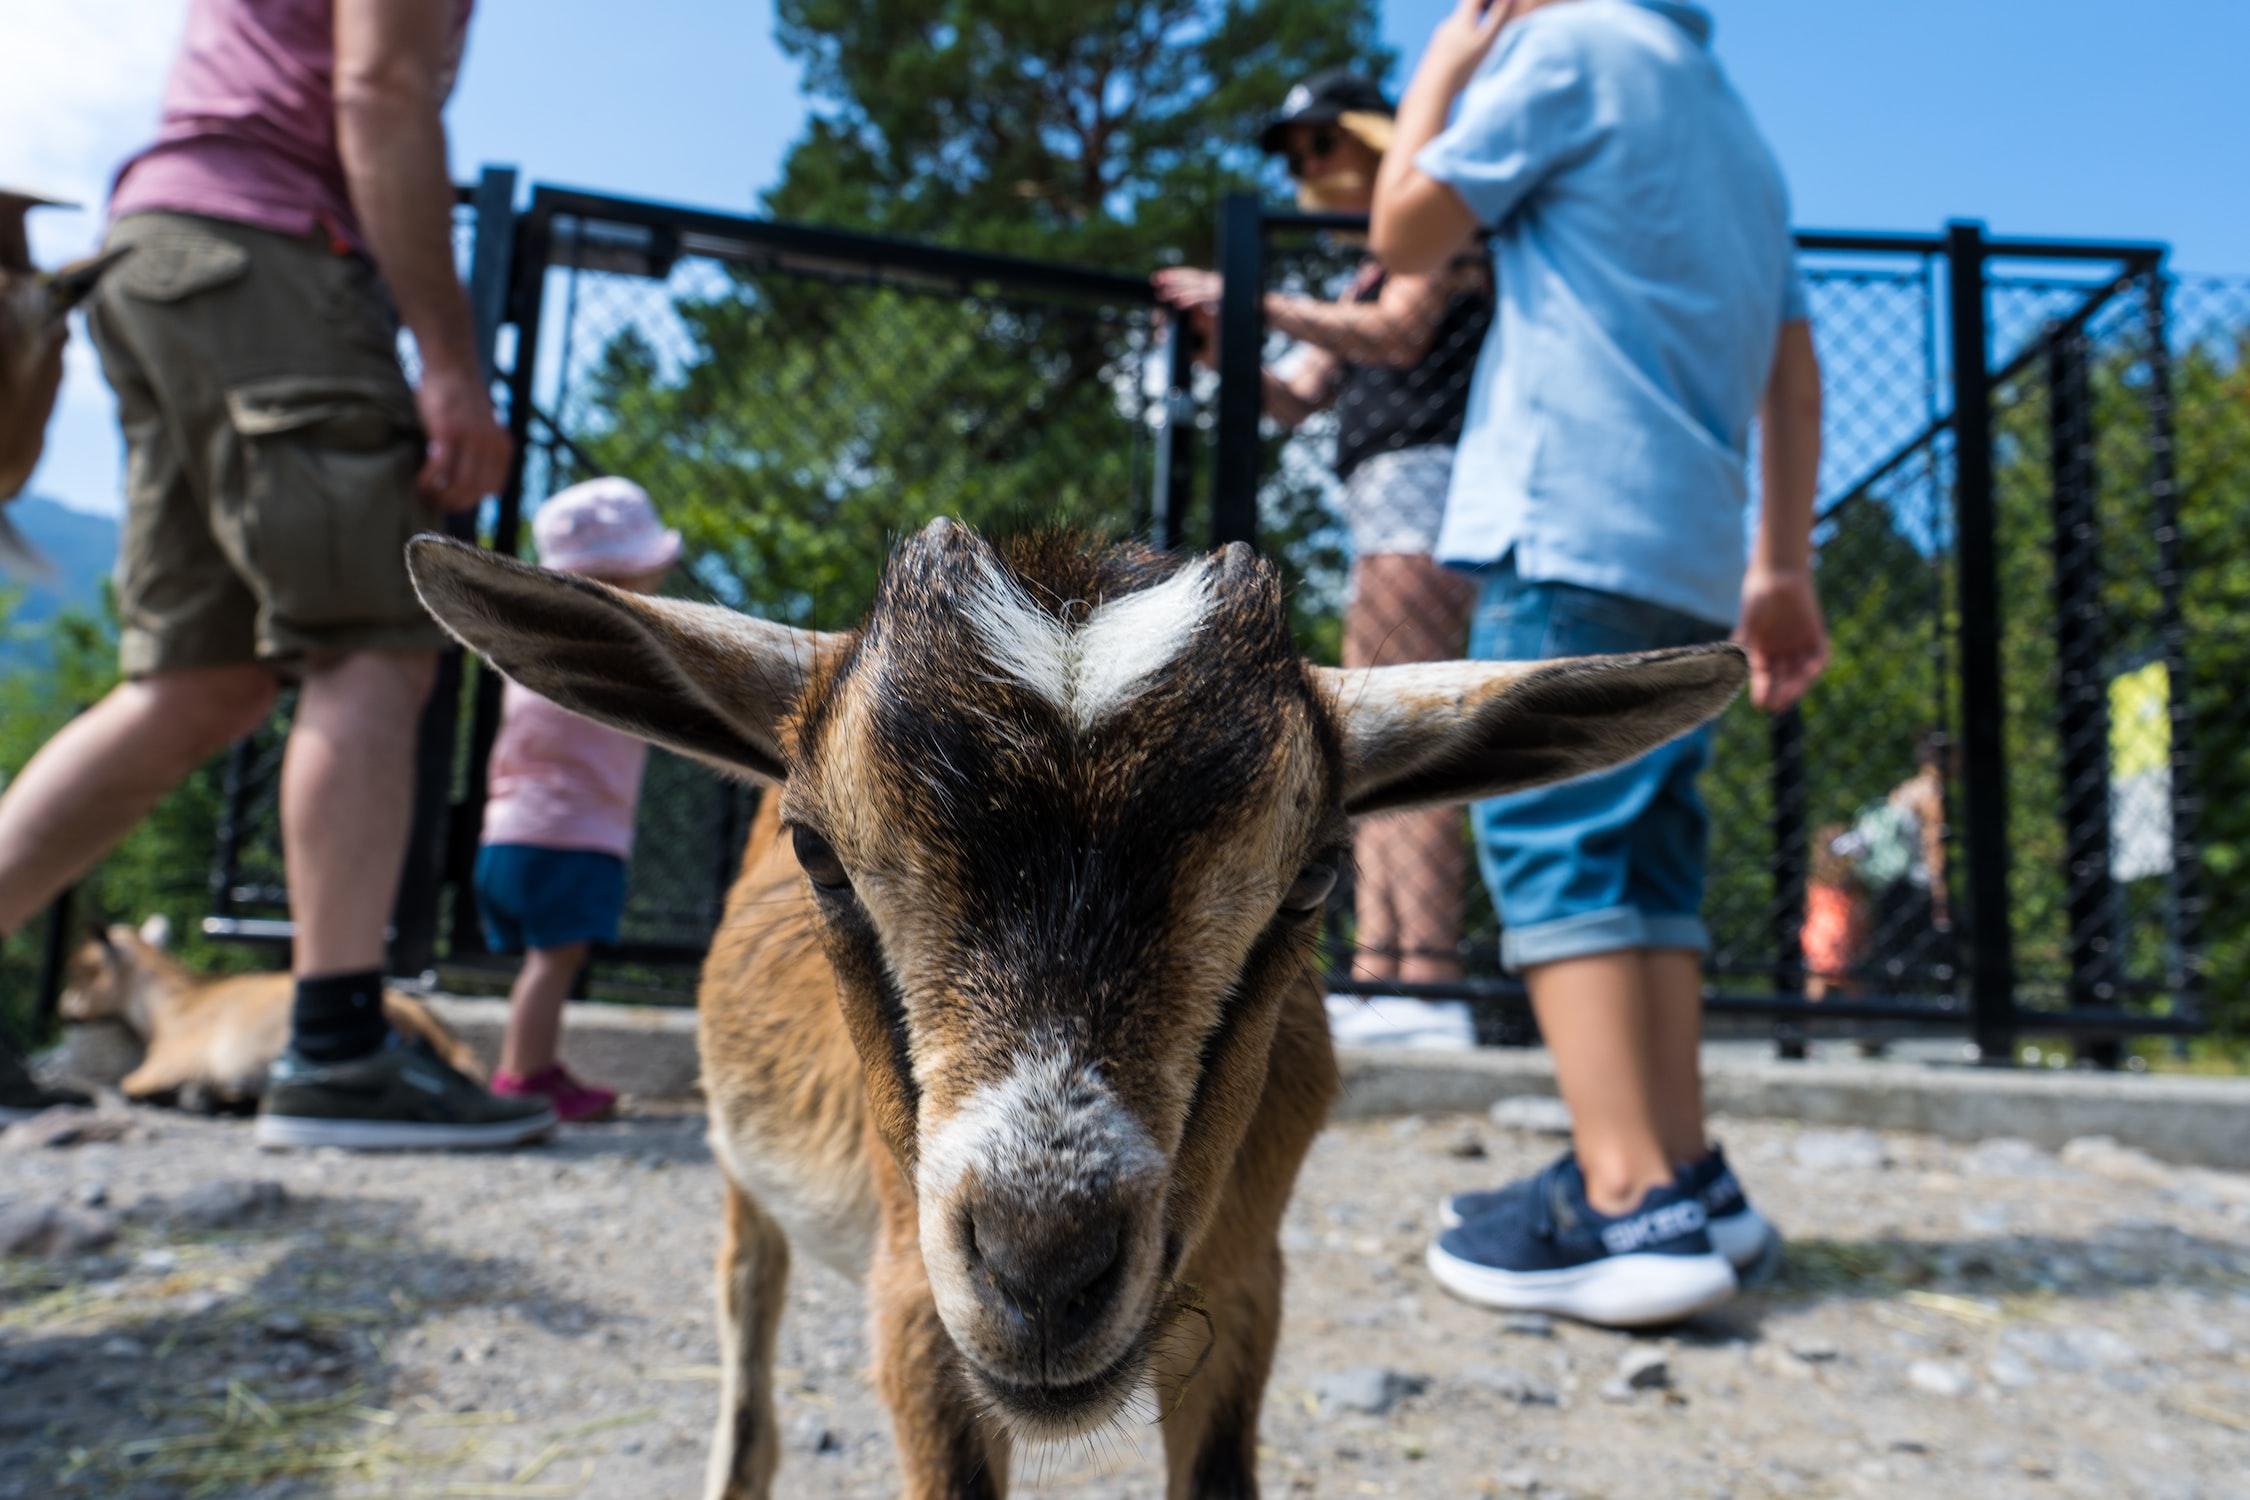 Geiss blickt direkt in die Kamera. Unsplash.com-Foto.